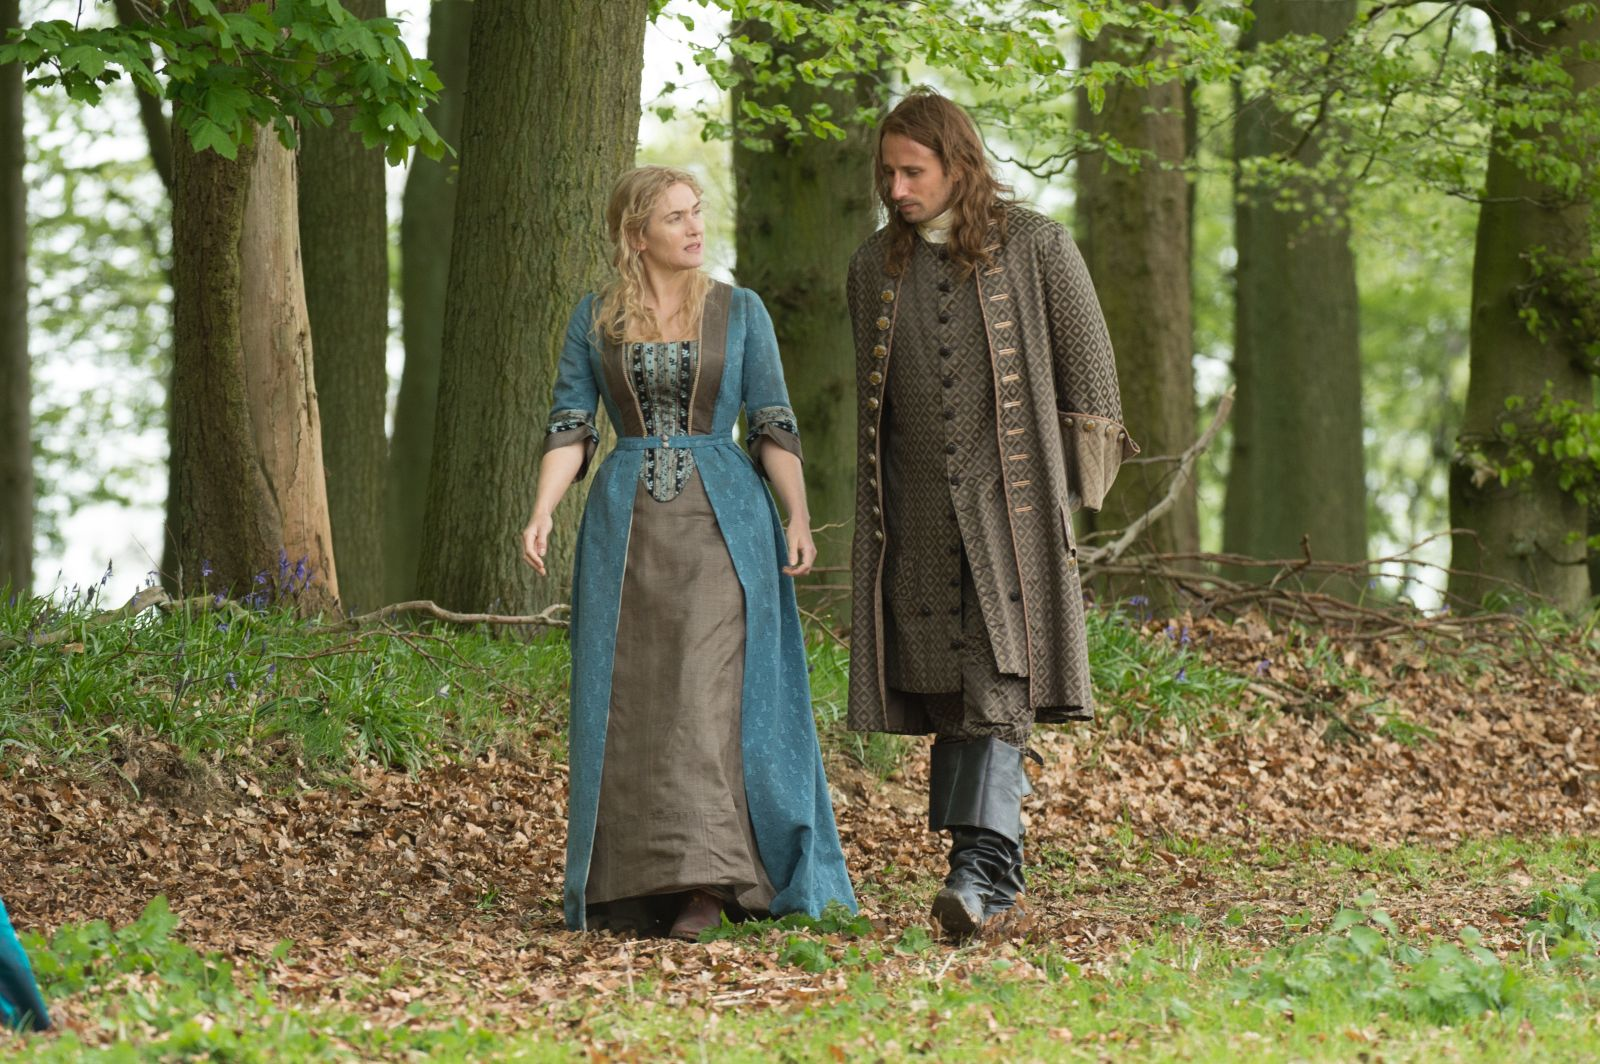 Le Regole del Caos: Kate Winslet passeggia con Matthias Schoenaerts in una scena tratta dal film